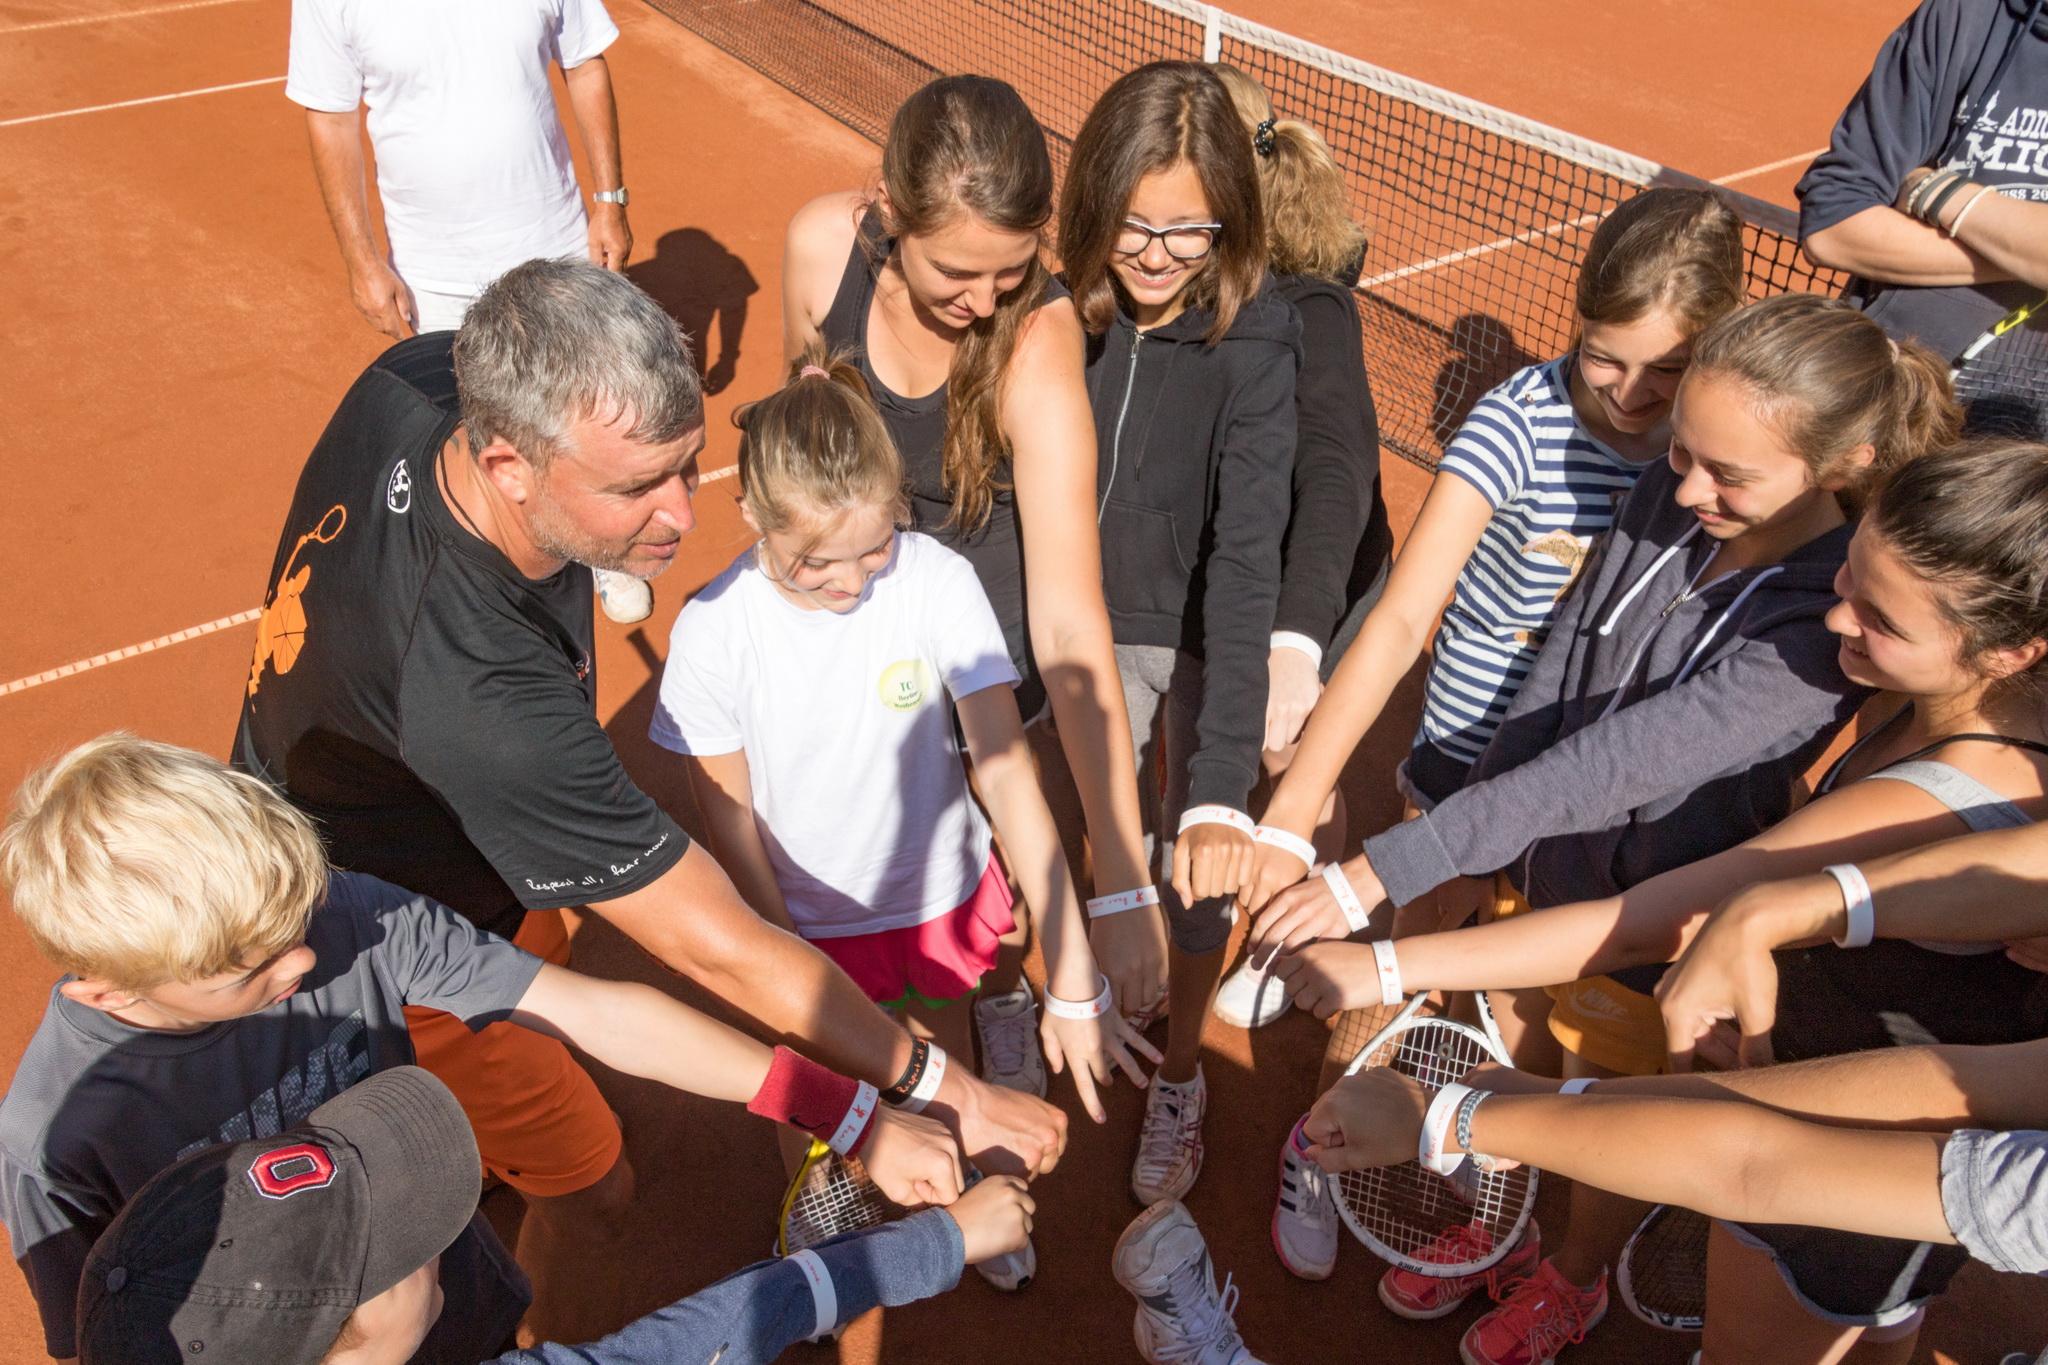 lern tennis spielen im internet